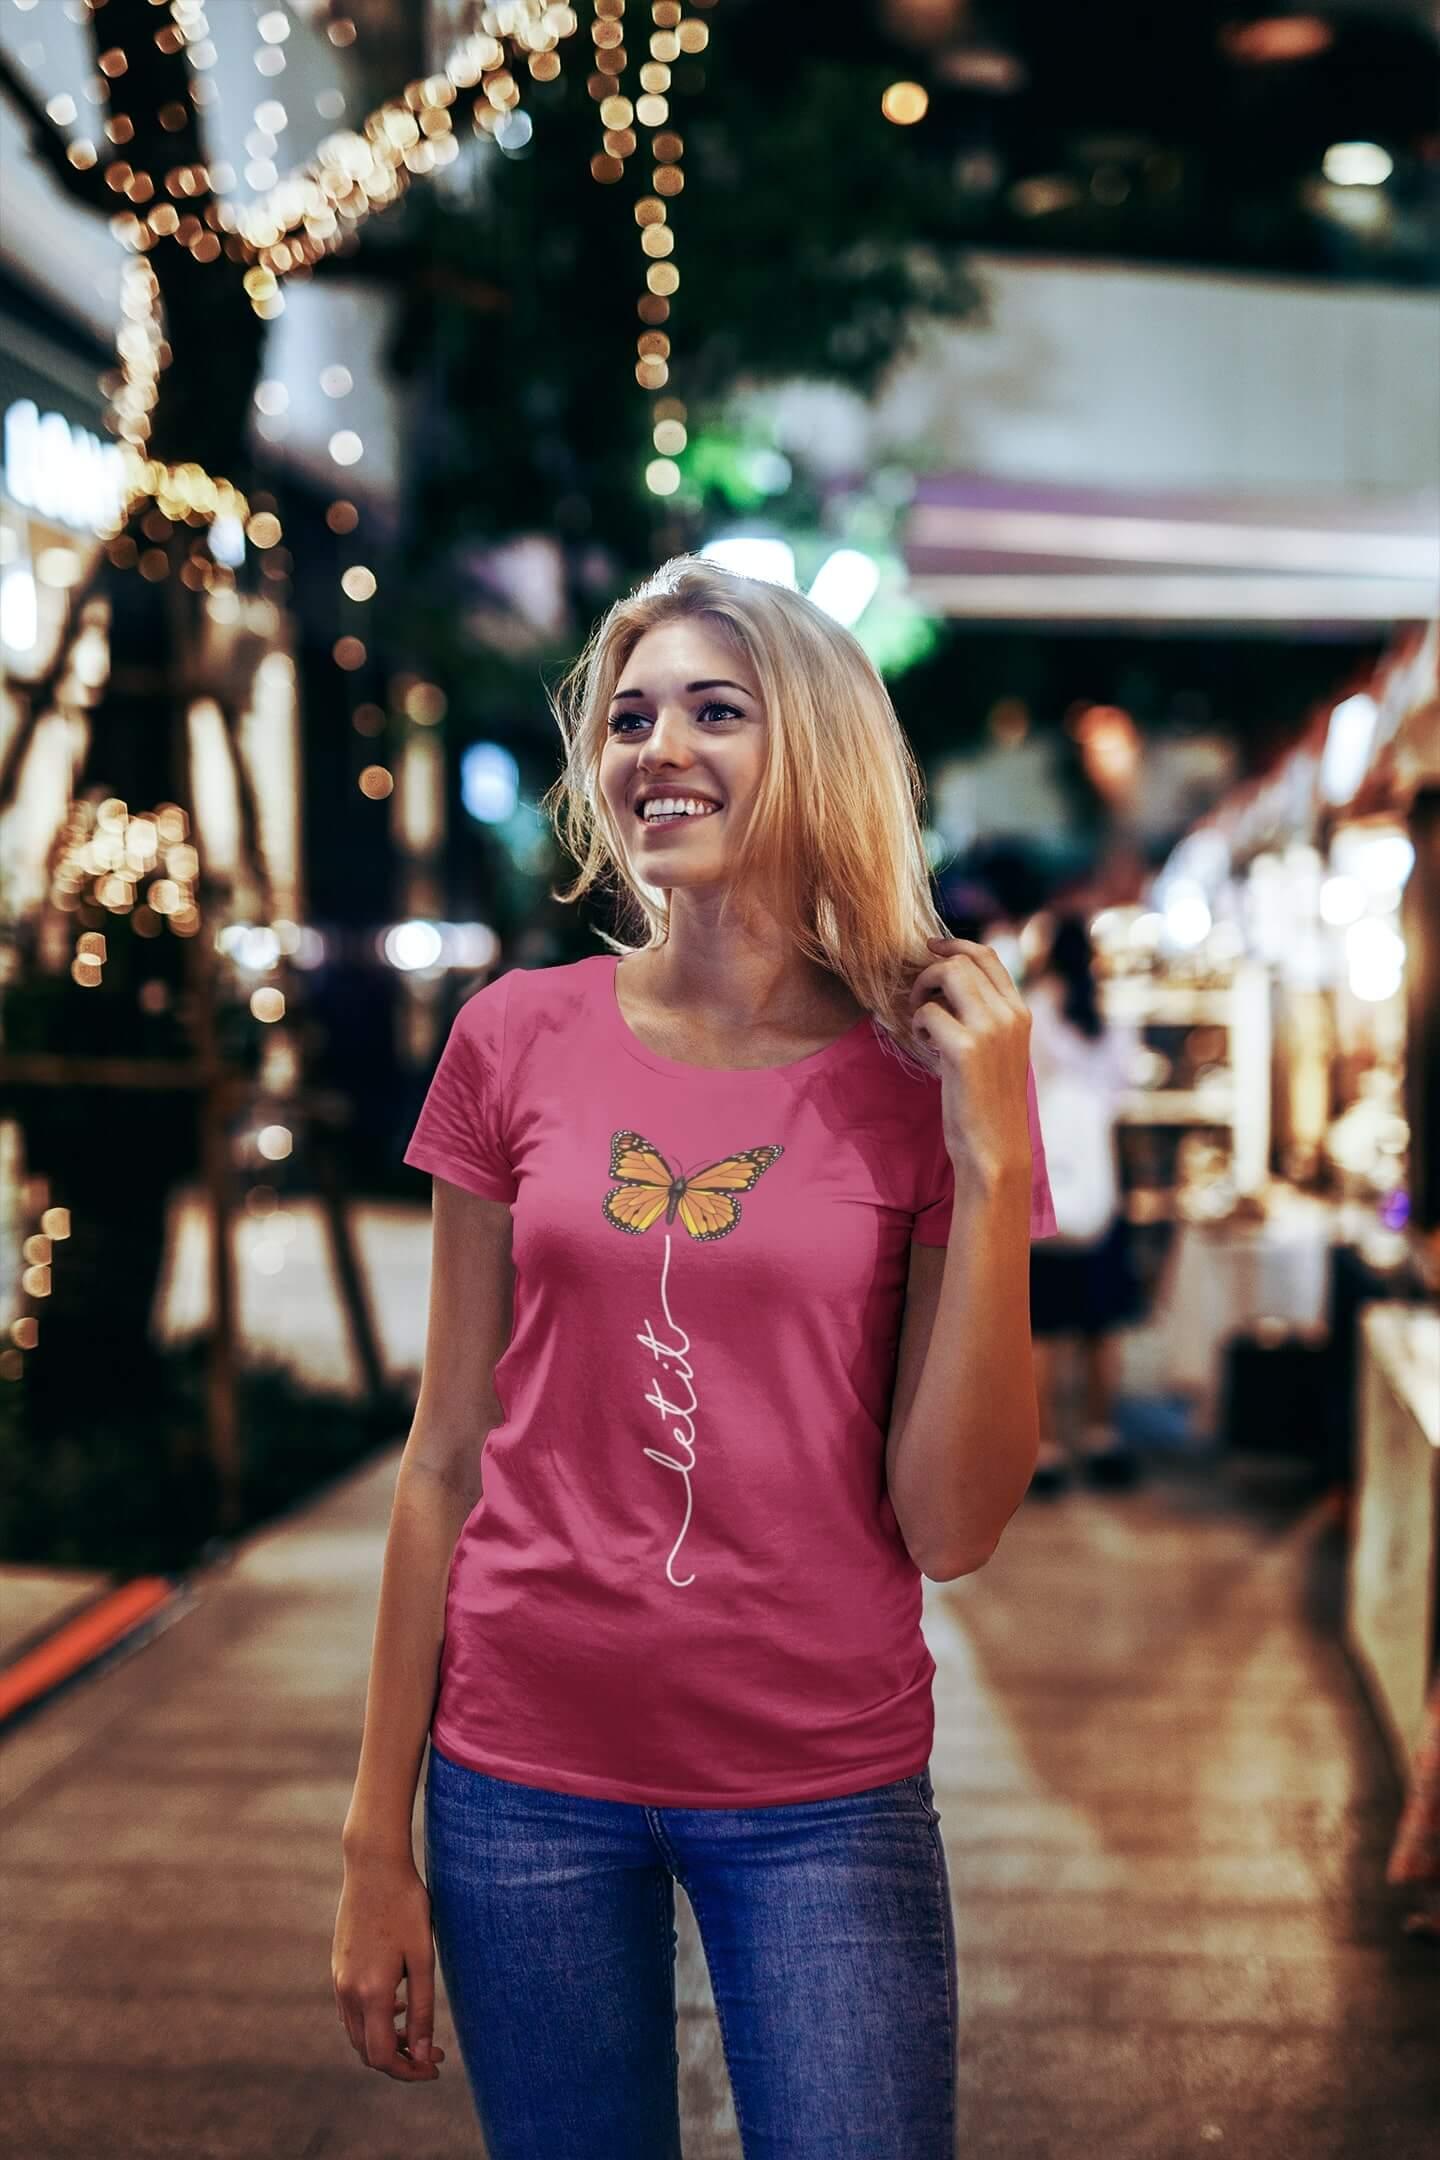 MMO Dámske tričko Let it motýľ Vyberte farbu: Purpurová, Vyberte veľkosť: S